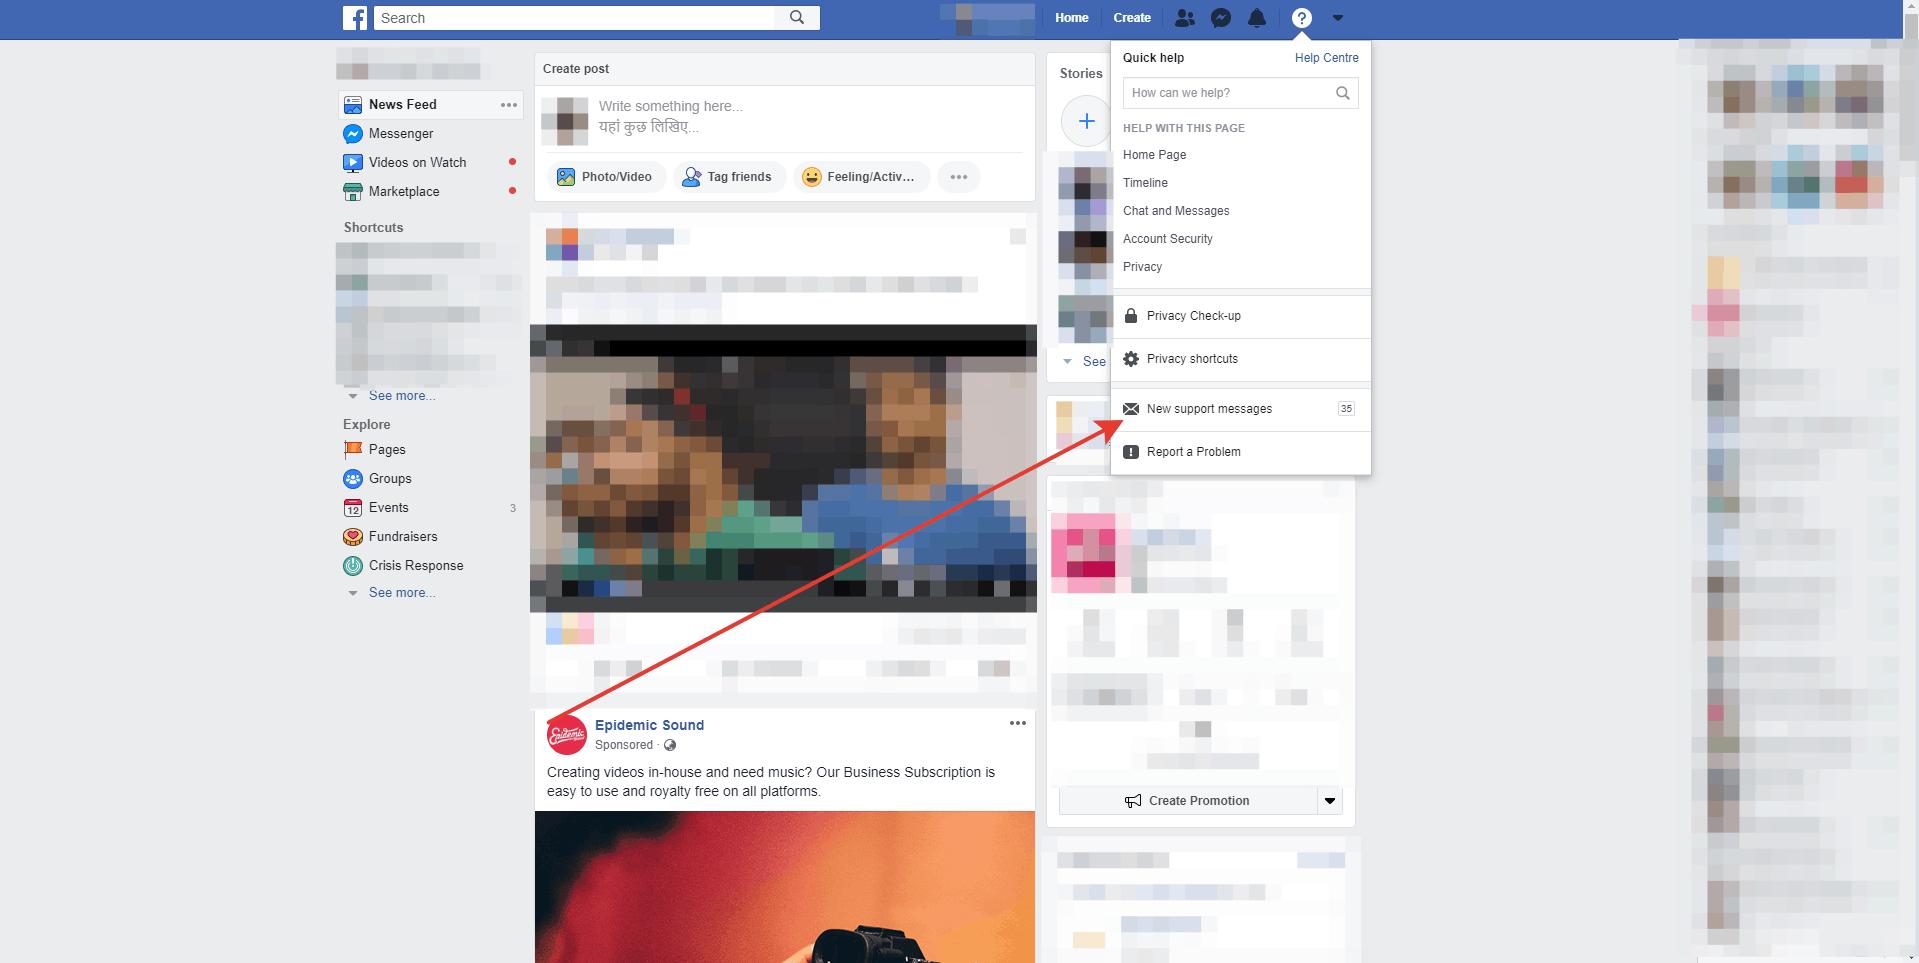 facebook_support_inbox_desktop_3